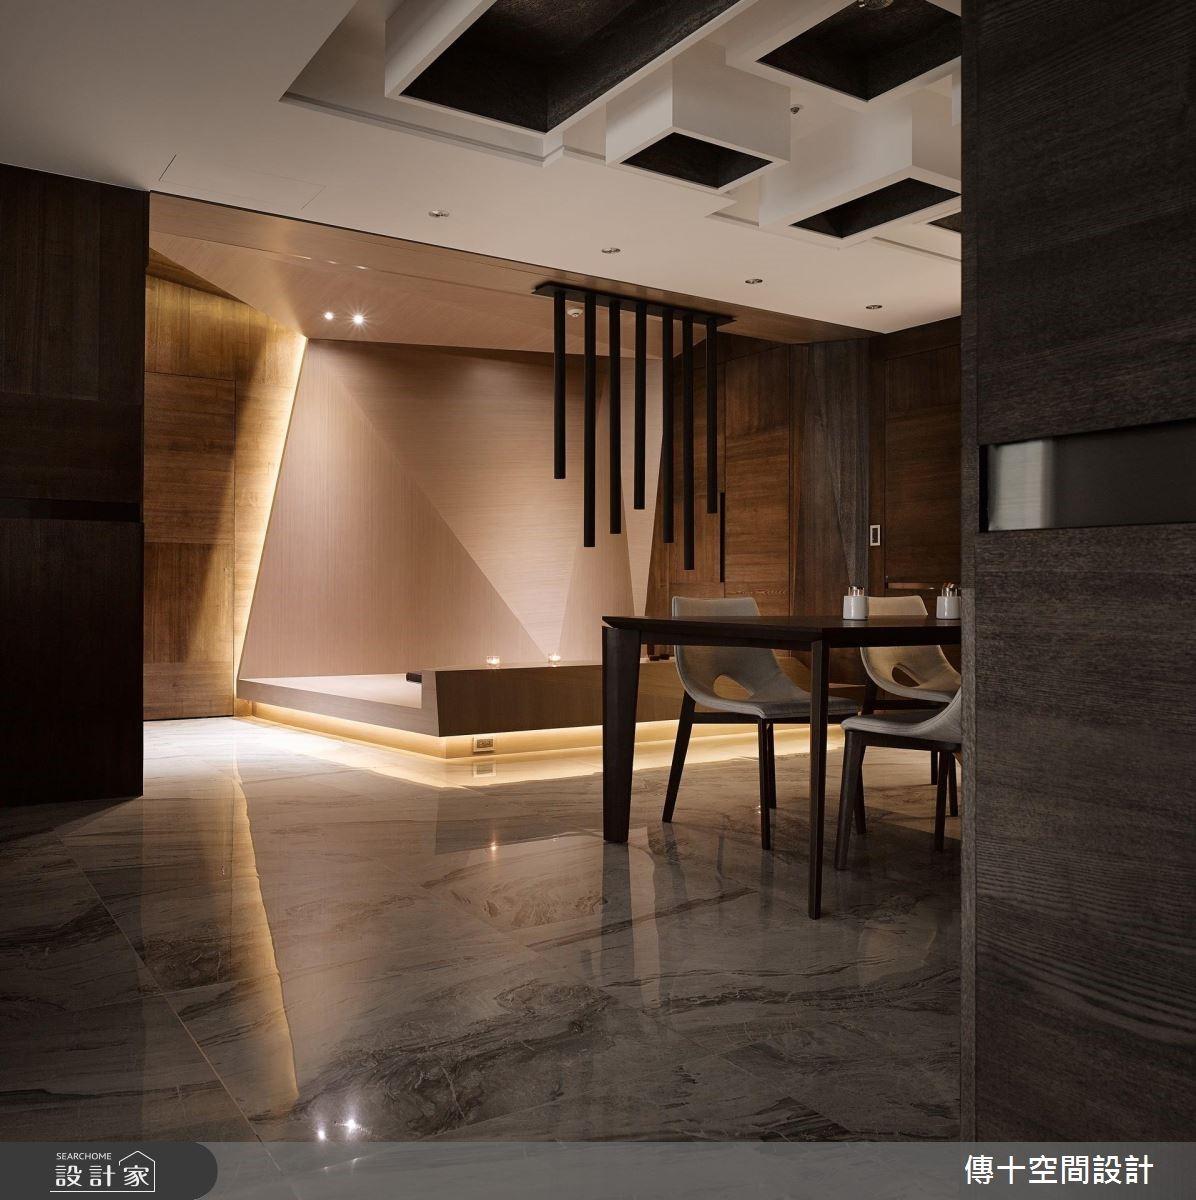 70坪新成屋(5年以下)_現代風餐廳案例圖片_傳十空間設計_傳十_21之2